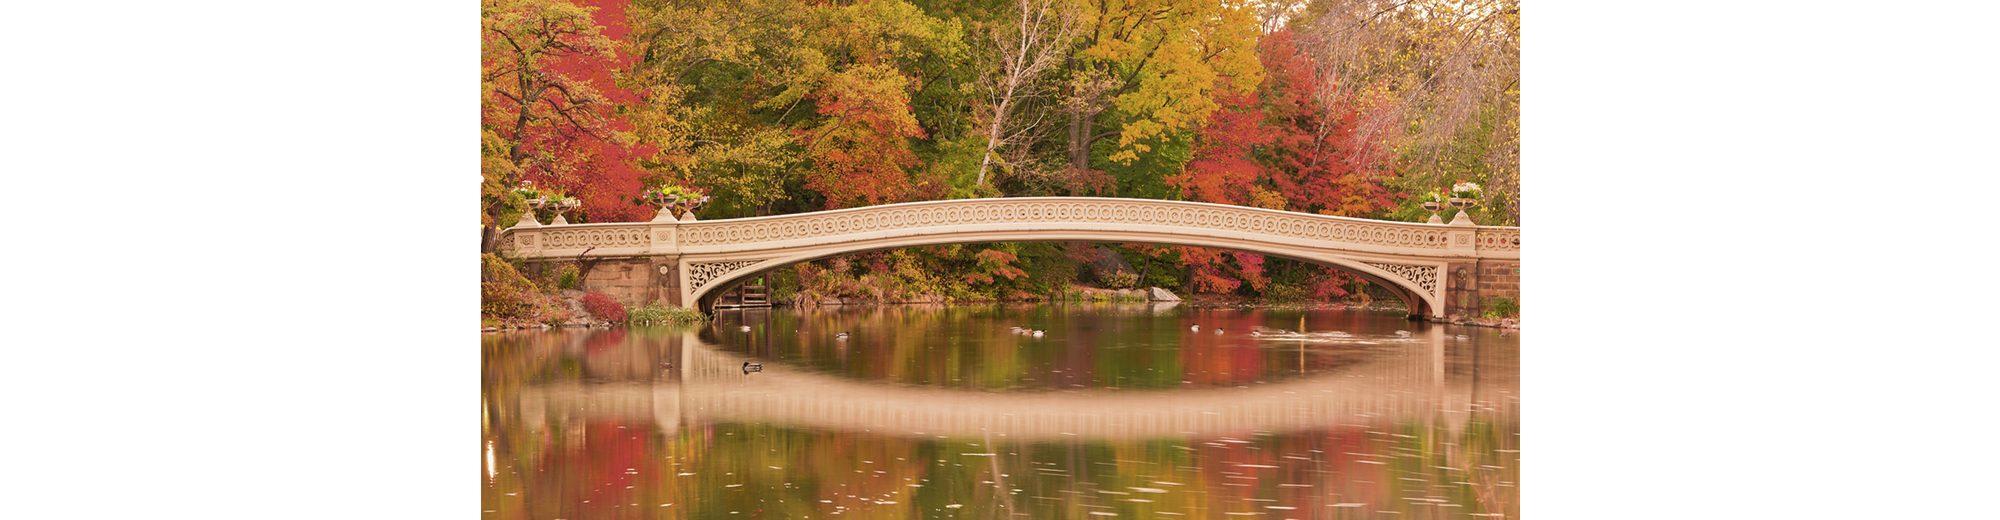 Home affaire Glasbild »EastVillage Images: Bow Bridge im Central Park. N. Y. City«, 100/50 cm